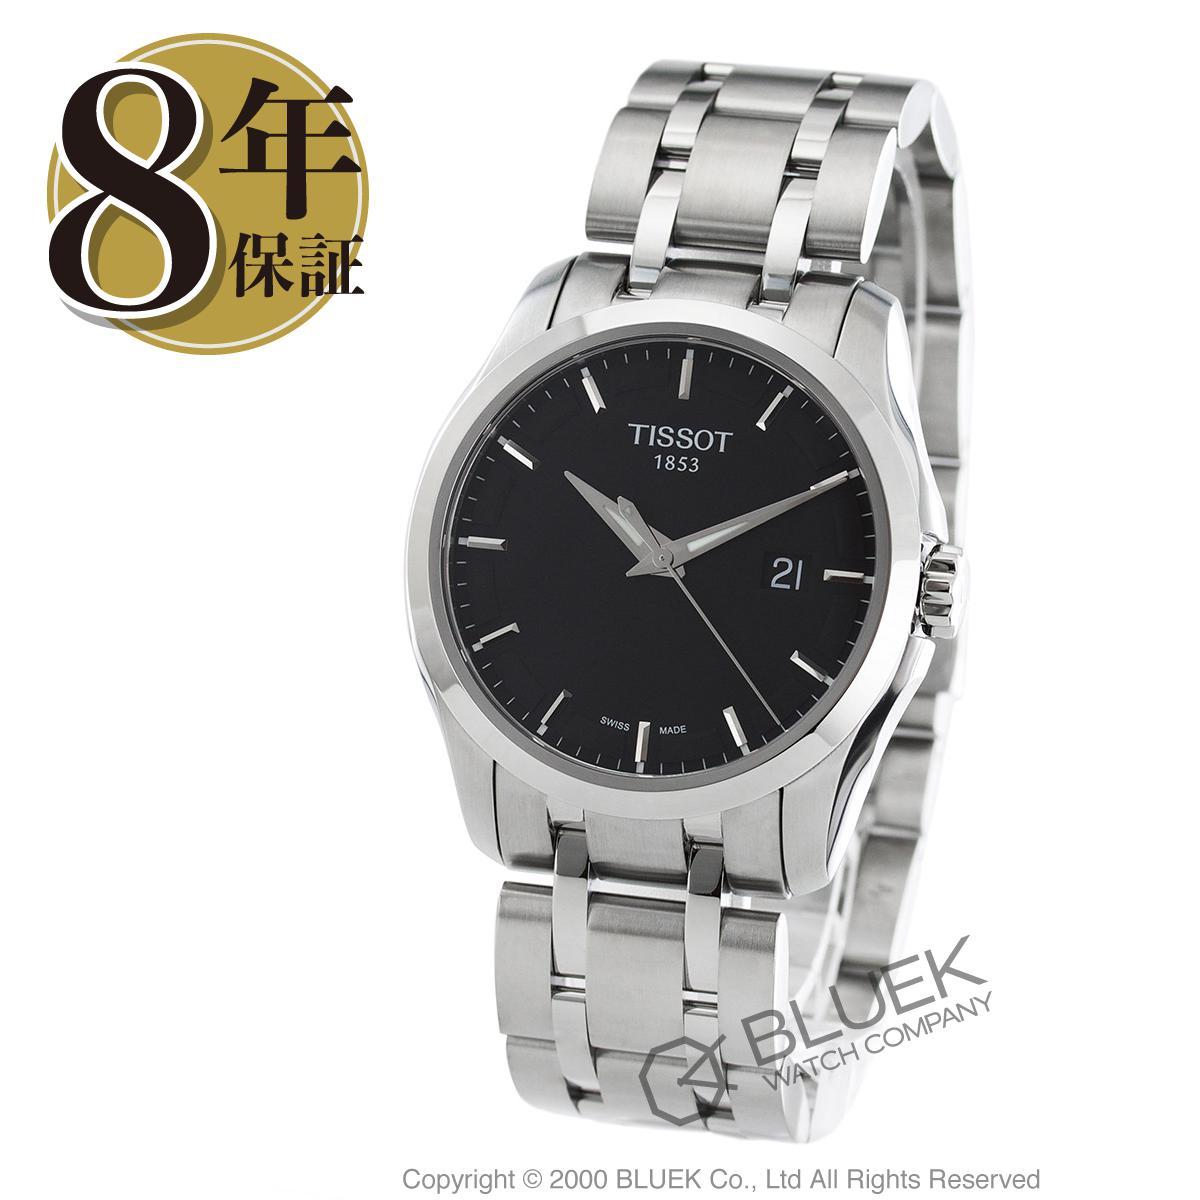 【最大3万円割引クーポン 11/01~】ティソ T-クラシック クチュリエ 腕時計 メンズ TISSOT T035.410.11.051.00_8